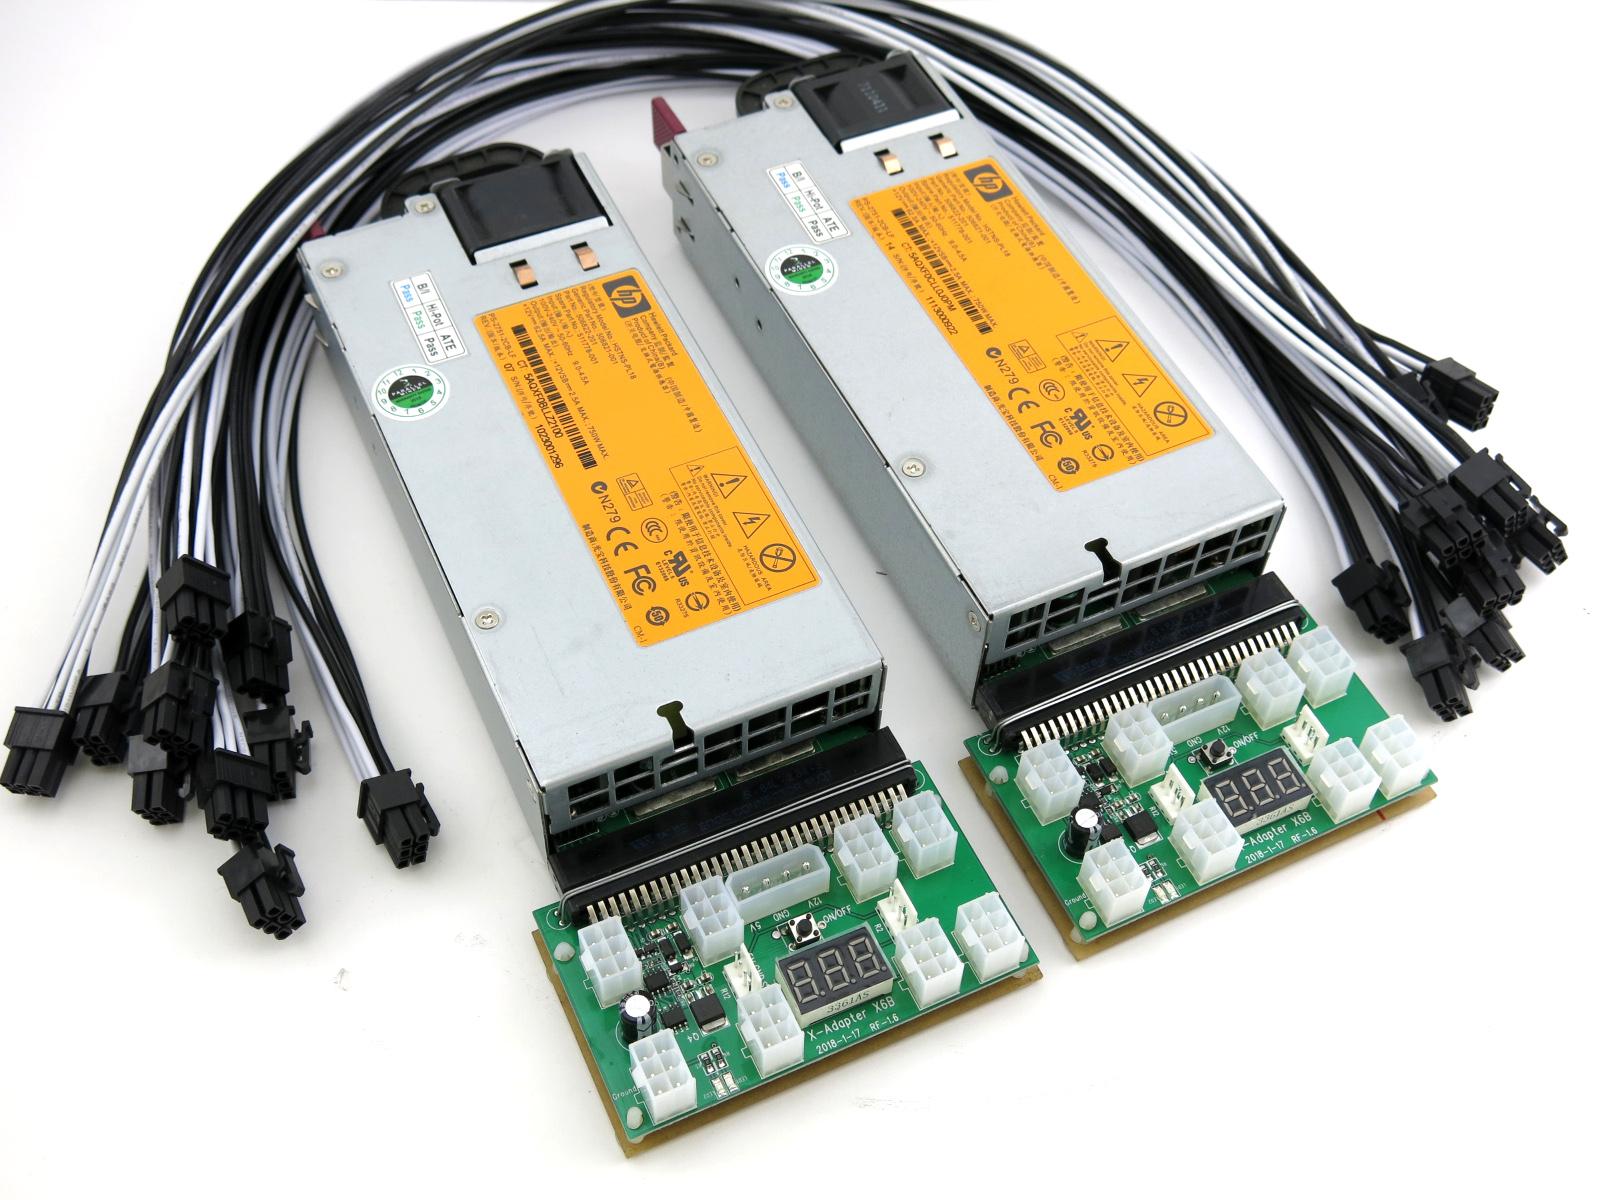 Baikal Miner BK-G28 Power Supply 1500 Watt 110-240V ASIC Miner PSU 80+ Gold  92% Efficiency